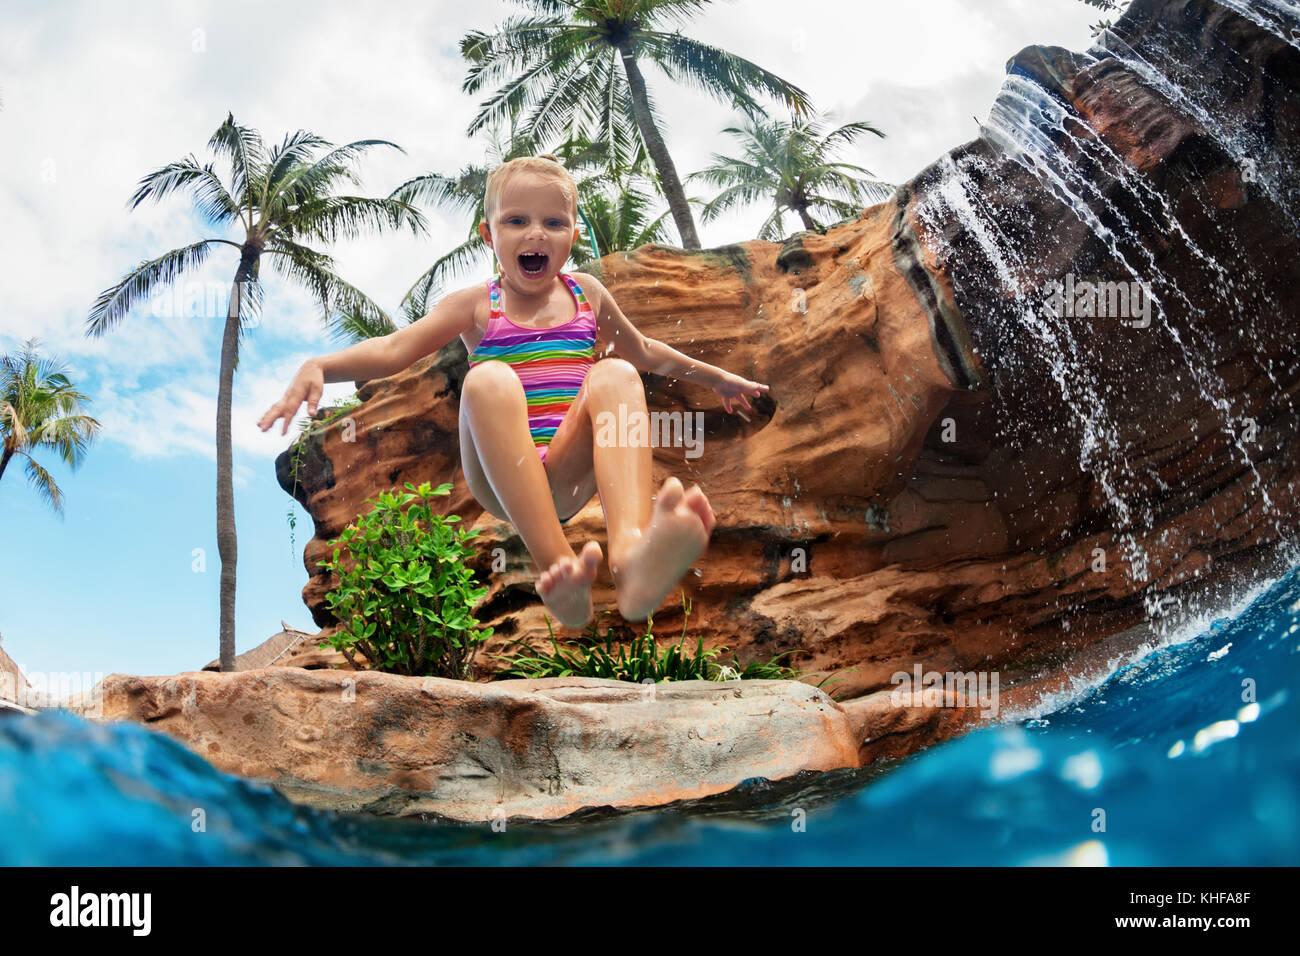 Gracioso niño aprender a nadar con la diversión. chica saltando alto con salpicaduras en la piscina de Imagen De Stock